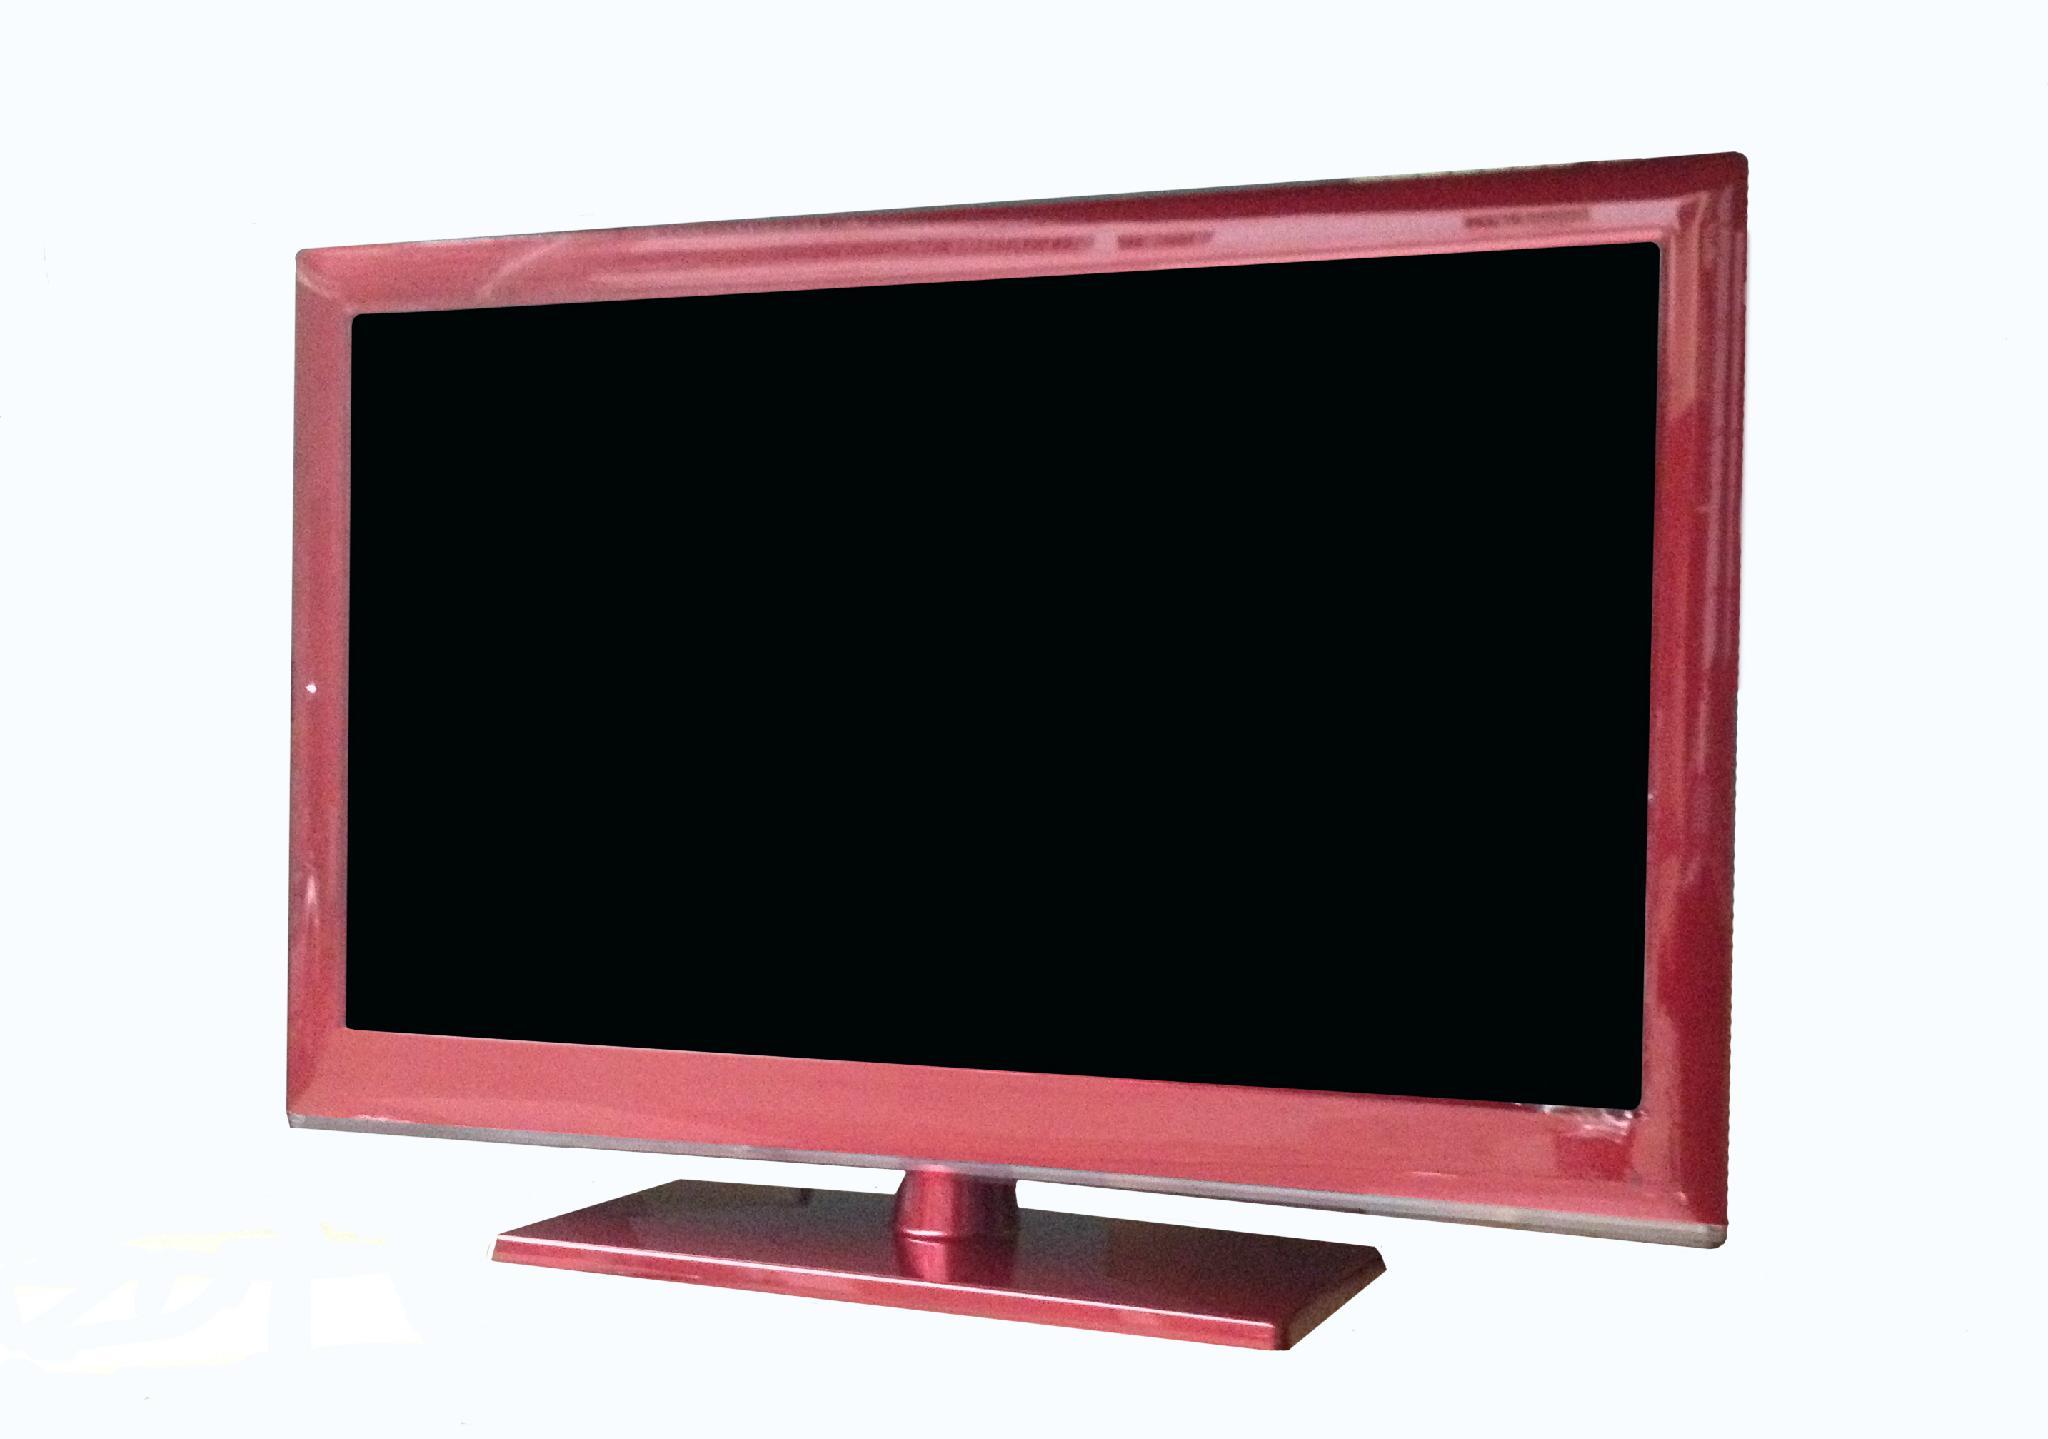 2020上海傢具展廳電視模型 仿真電視 道具電視  20